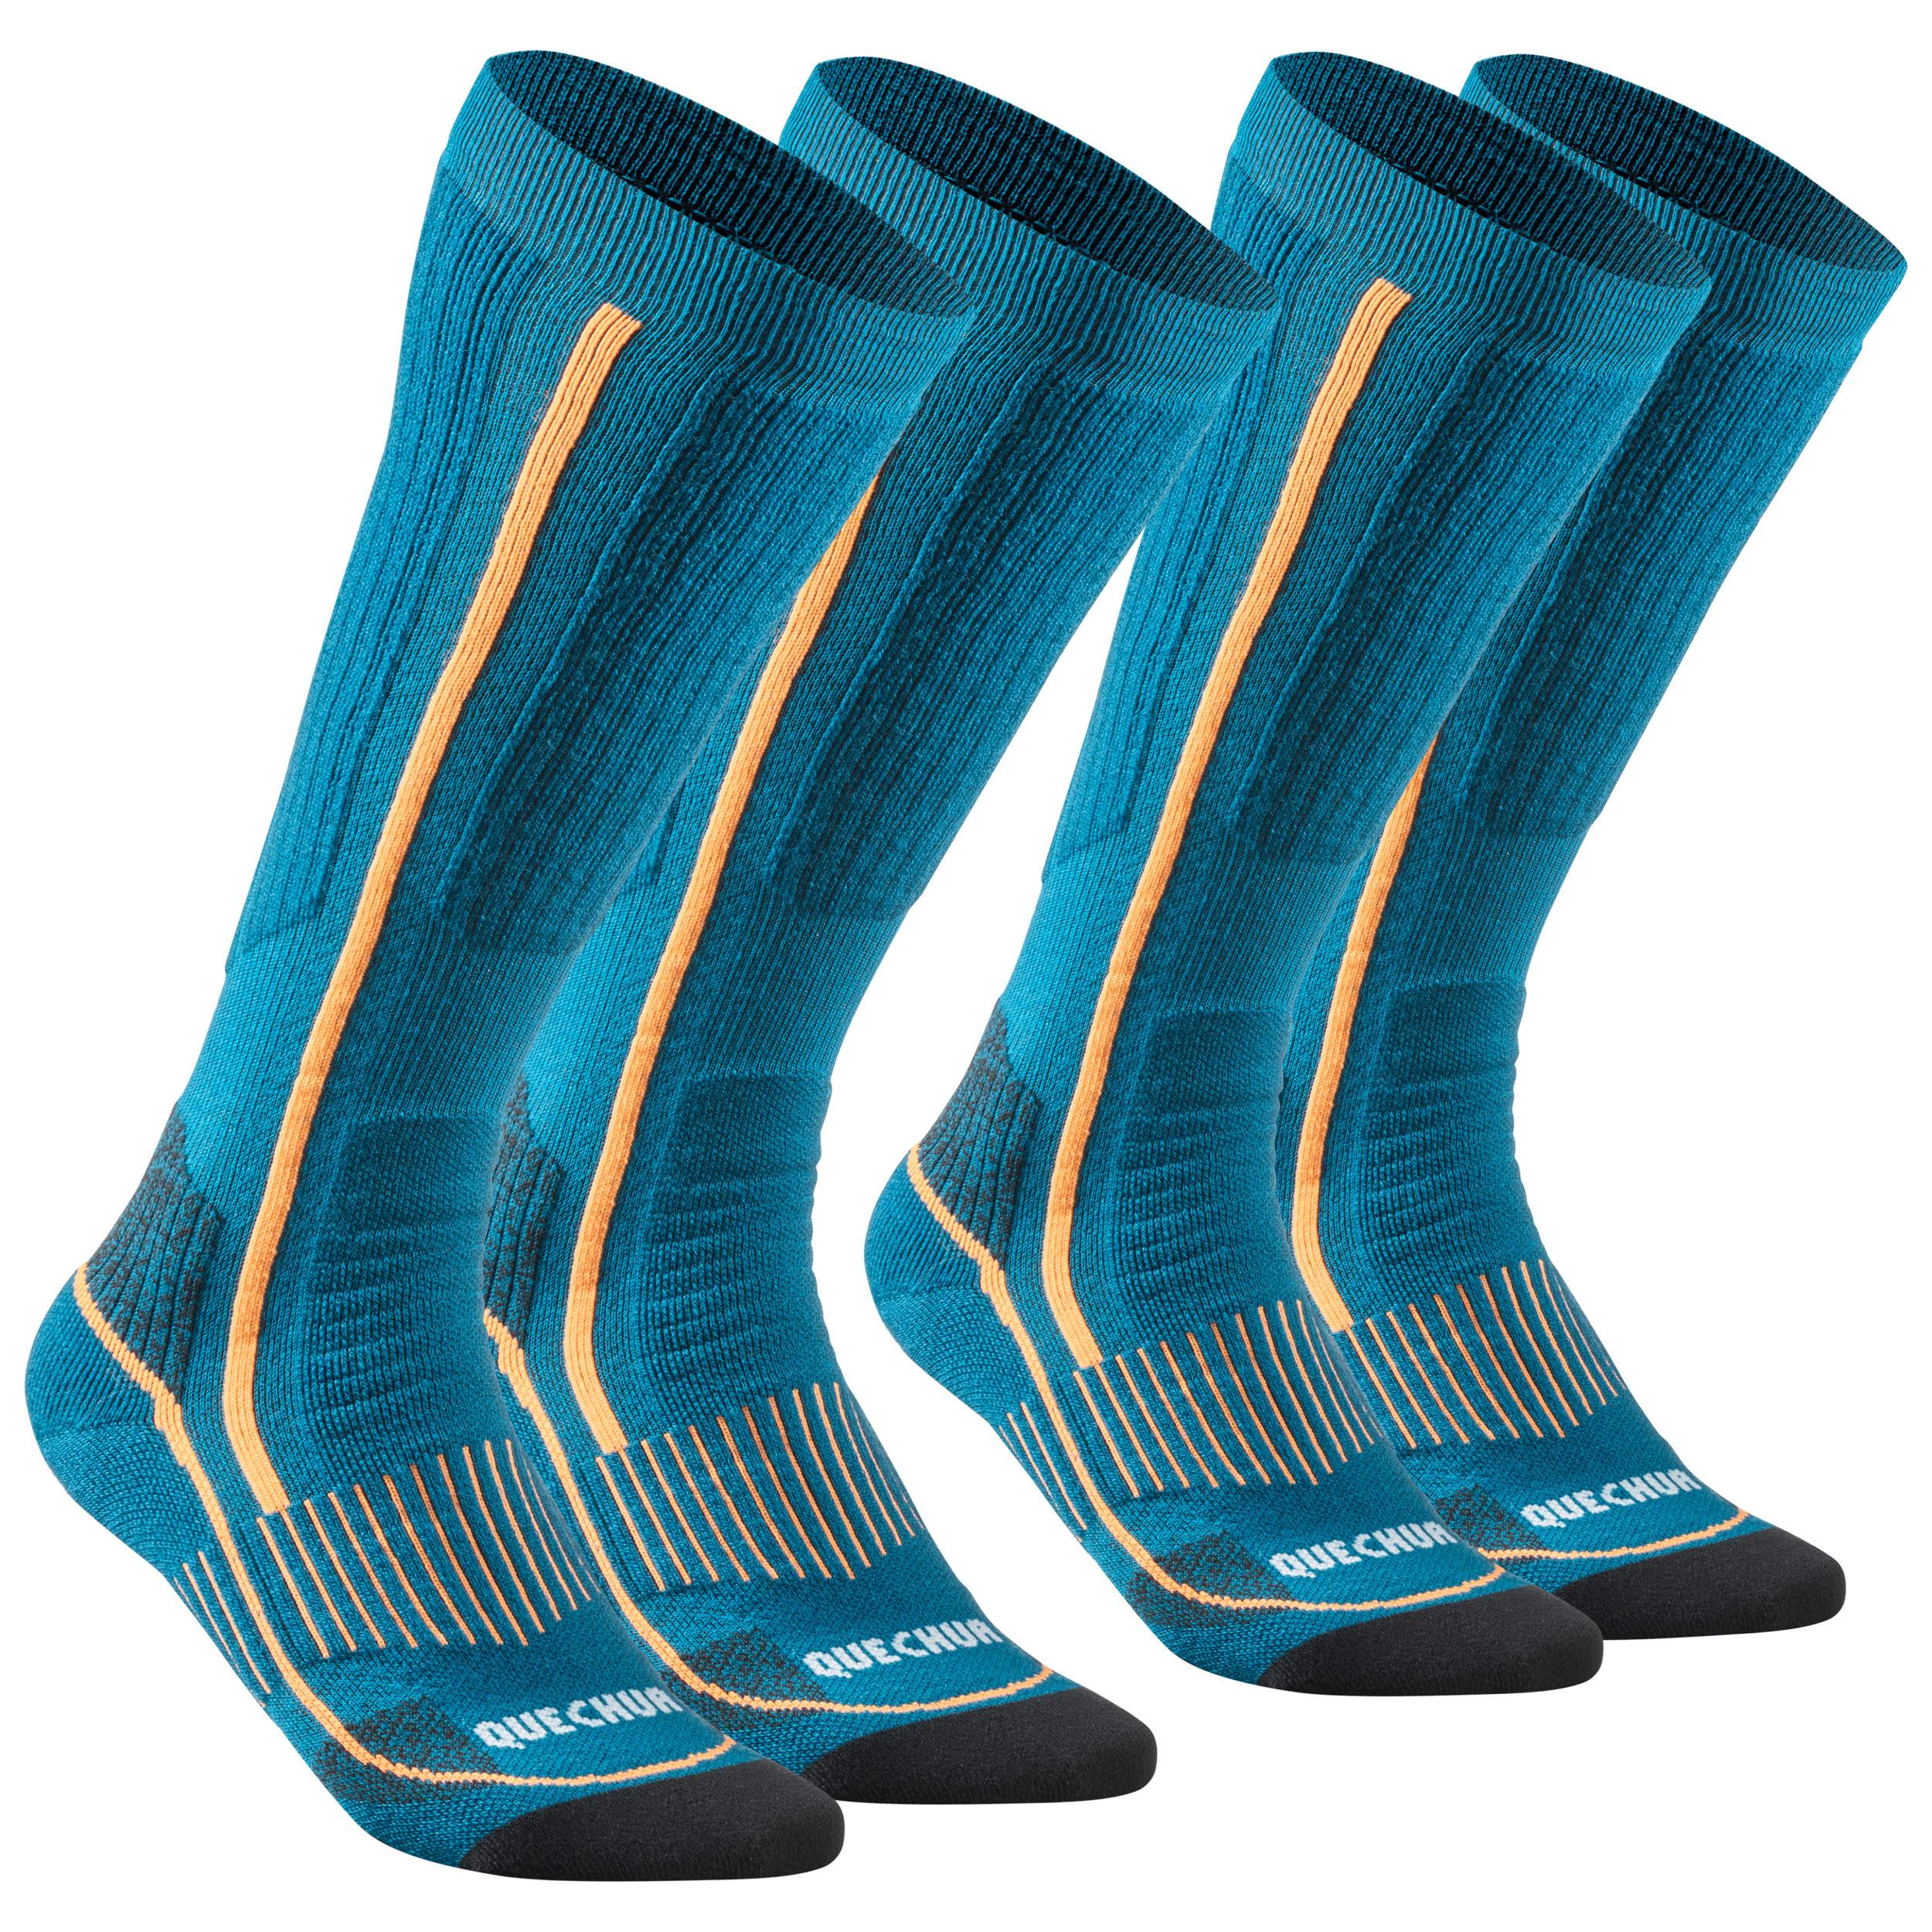 Quechua Chaussettes chaudes de randonnée adulte SH520 x-warm high bleues X 2 paires - Quechua